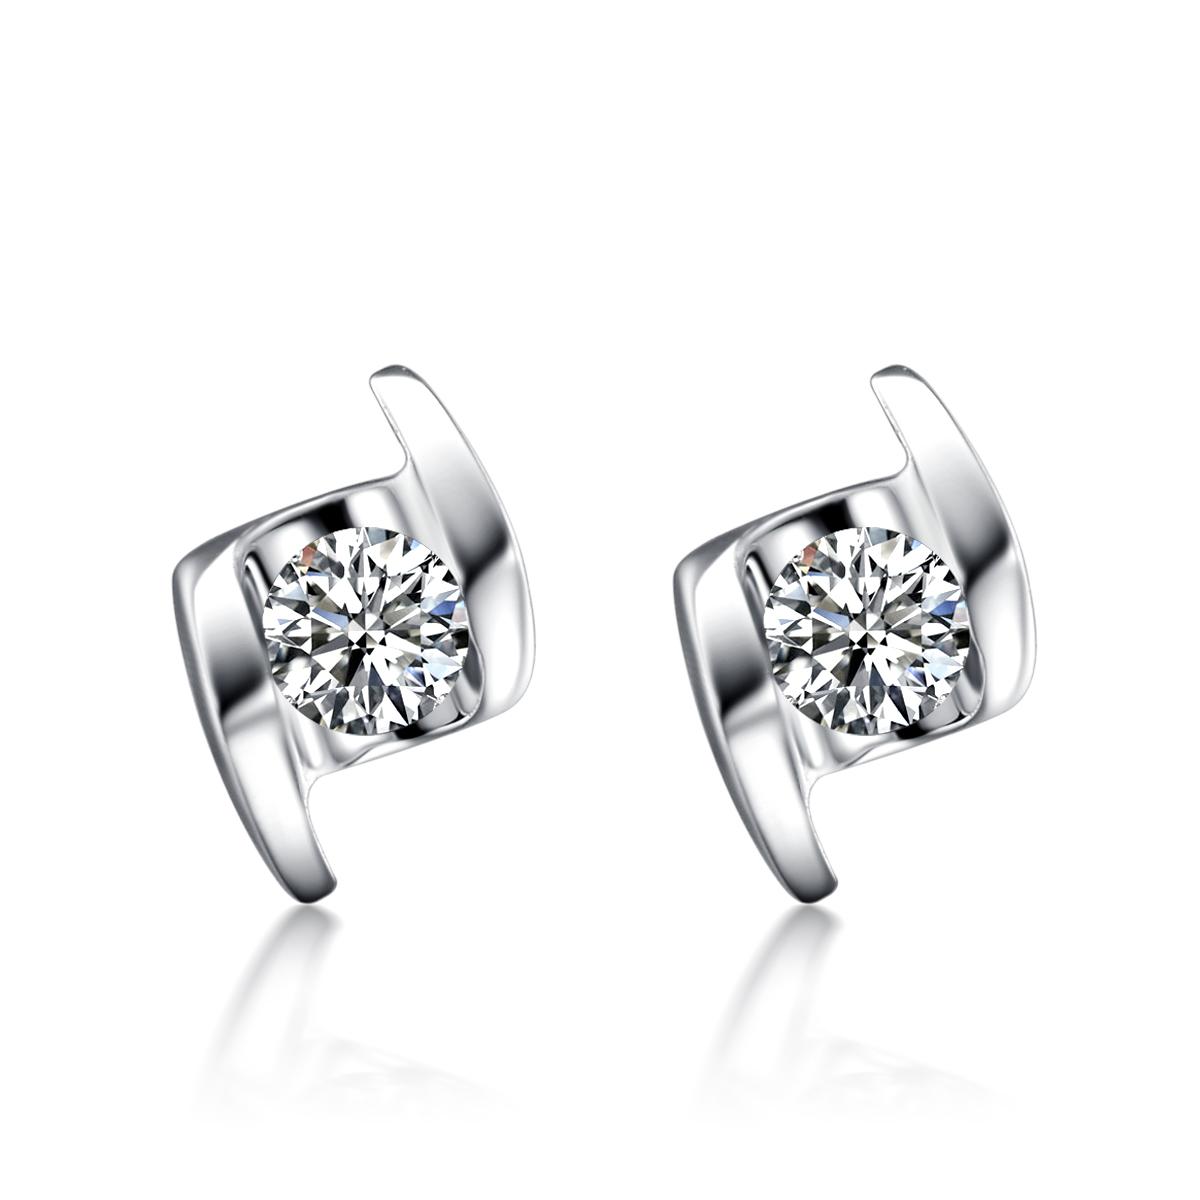 钻石耳饰是怎么分类的